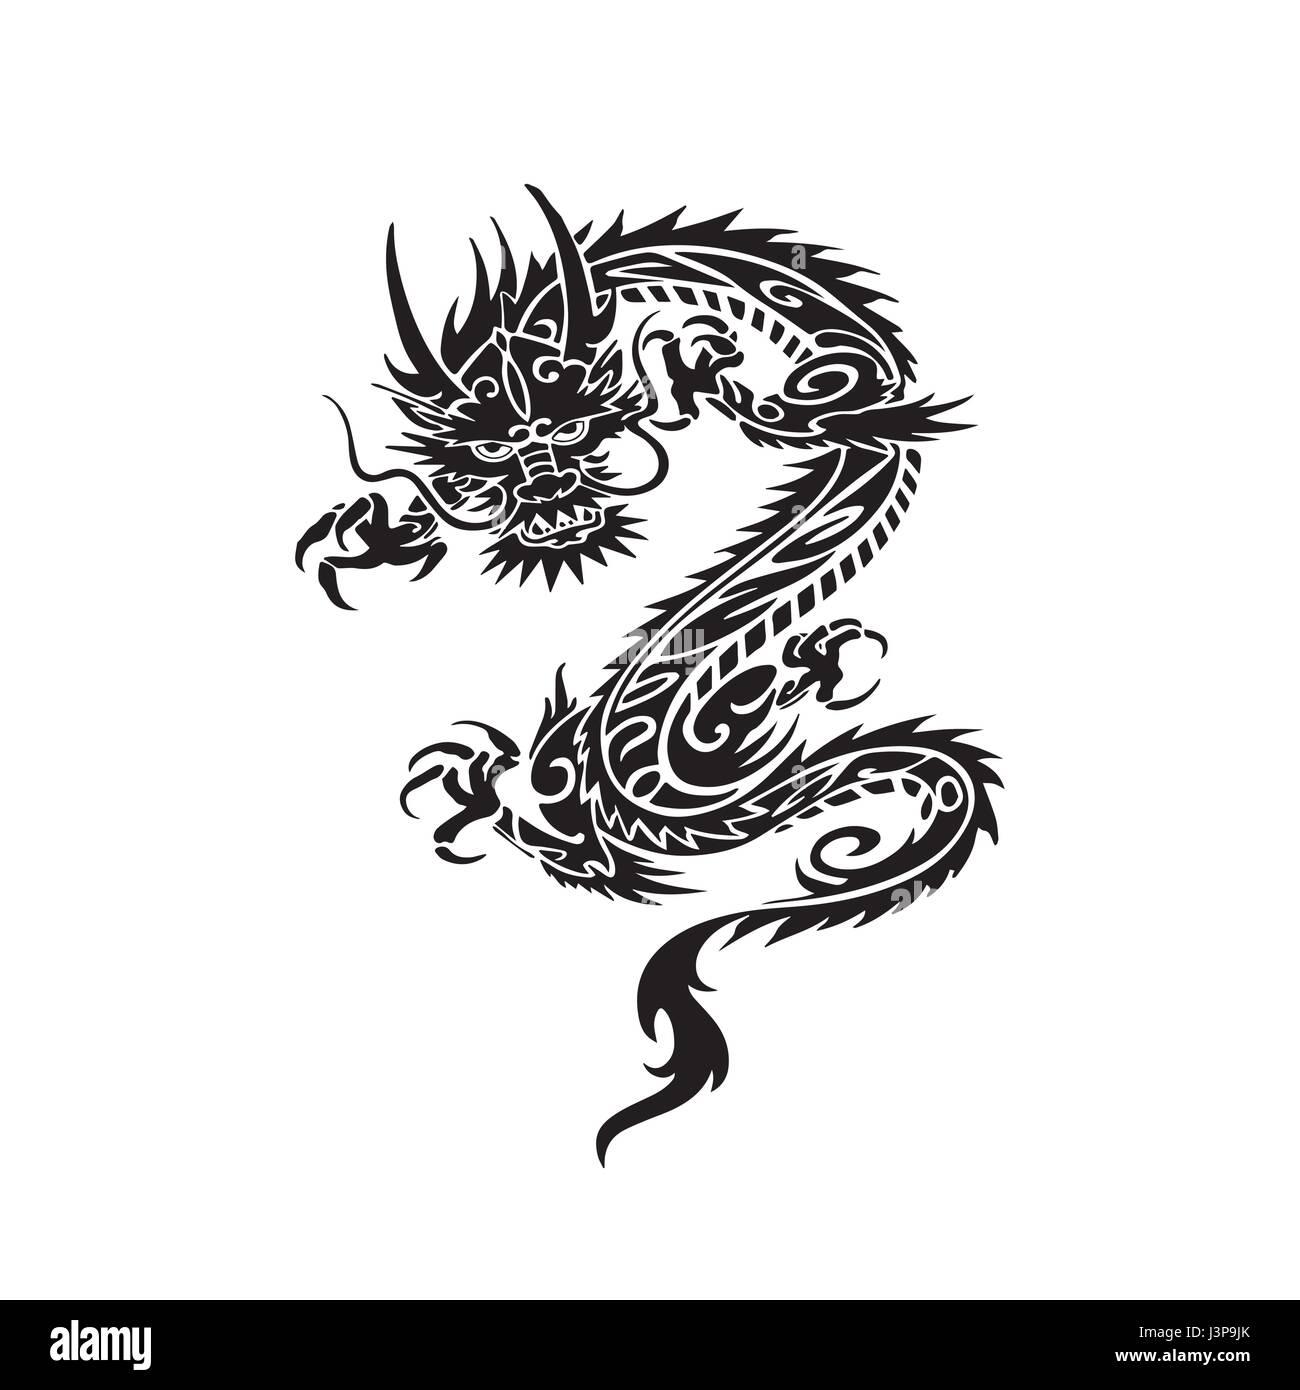 chinesische drachen tattoo design vektor abbildung bild. Black Bedroom Furniture Sets. Home Design Ideas